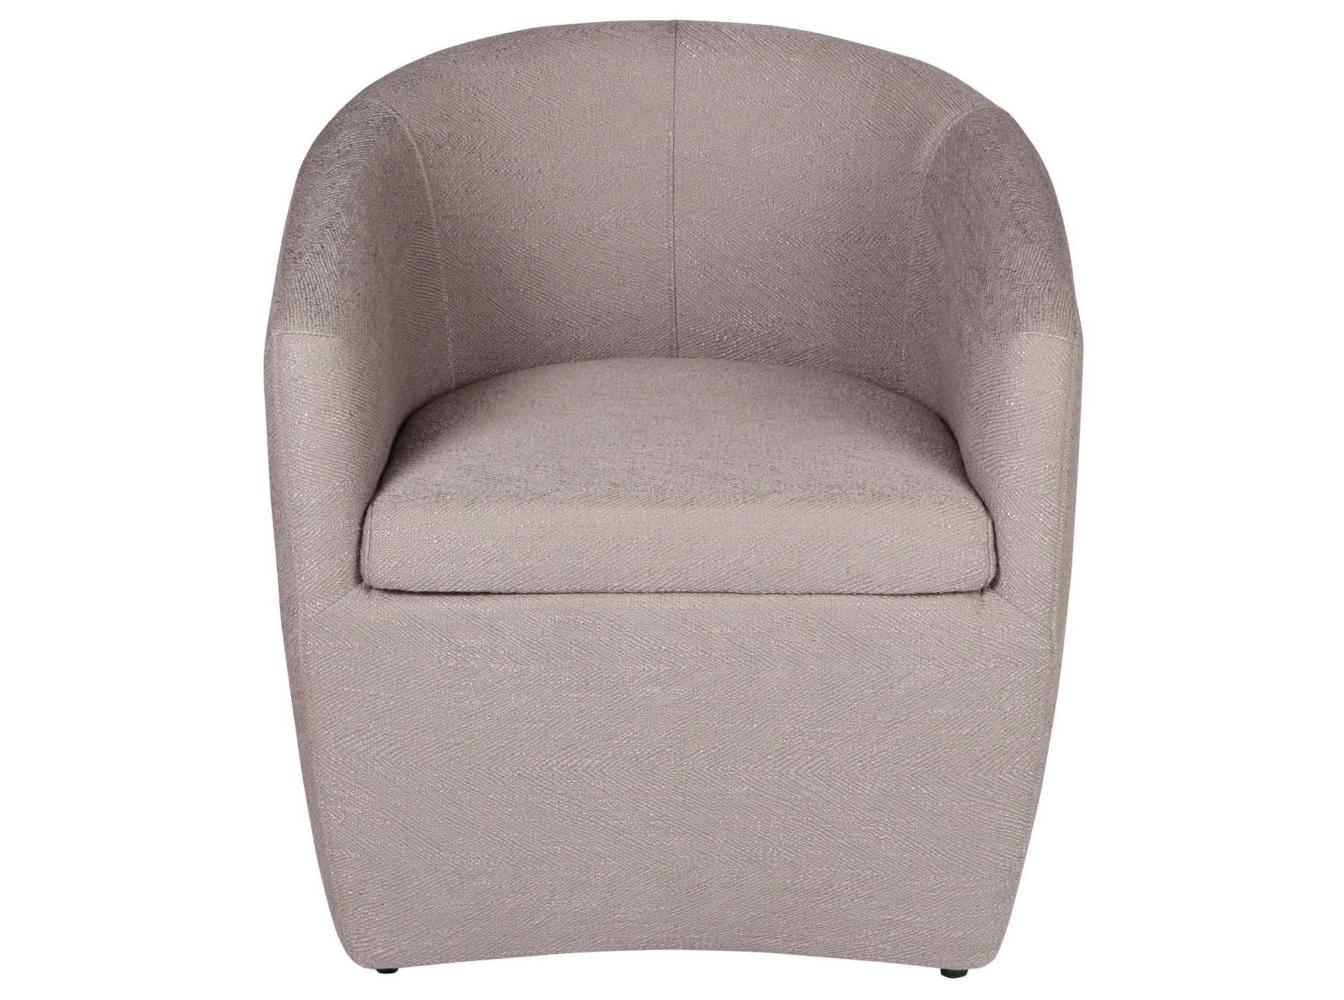 Кресло Jess fogИнтерьерные кресла<br><br><br>Material: Текстиль<br>Ширина см: 66<br>Высота см: 72<br>Глубина см: 66